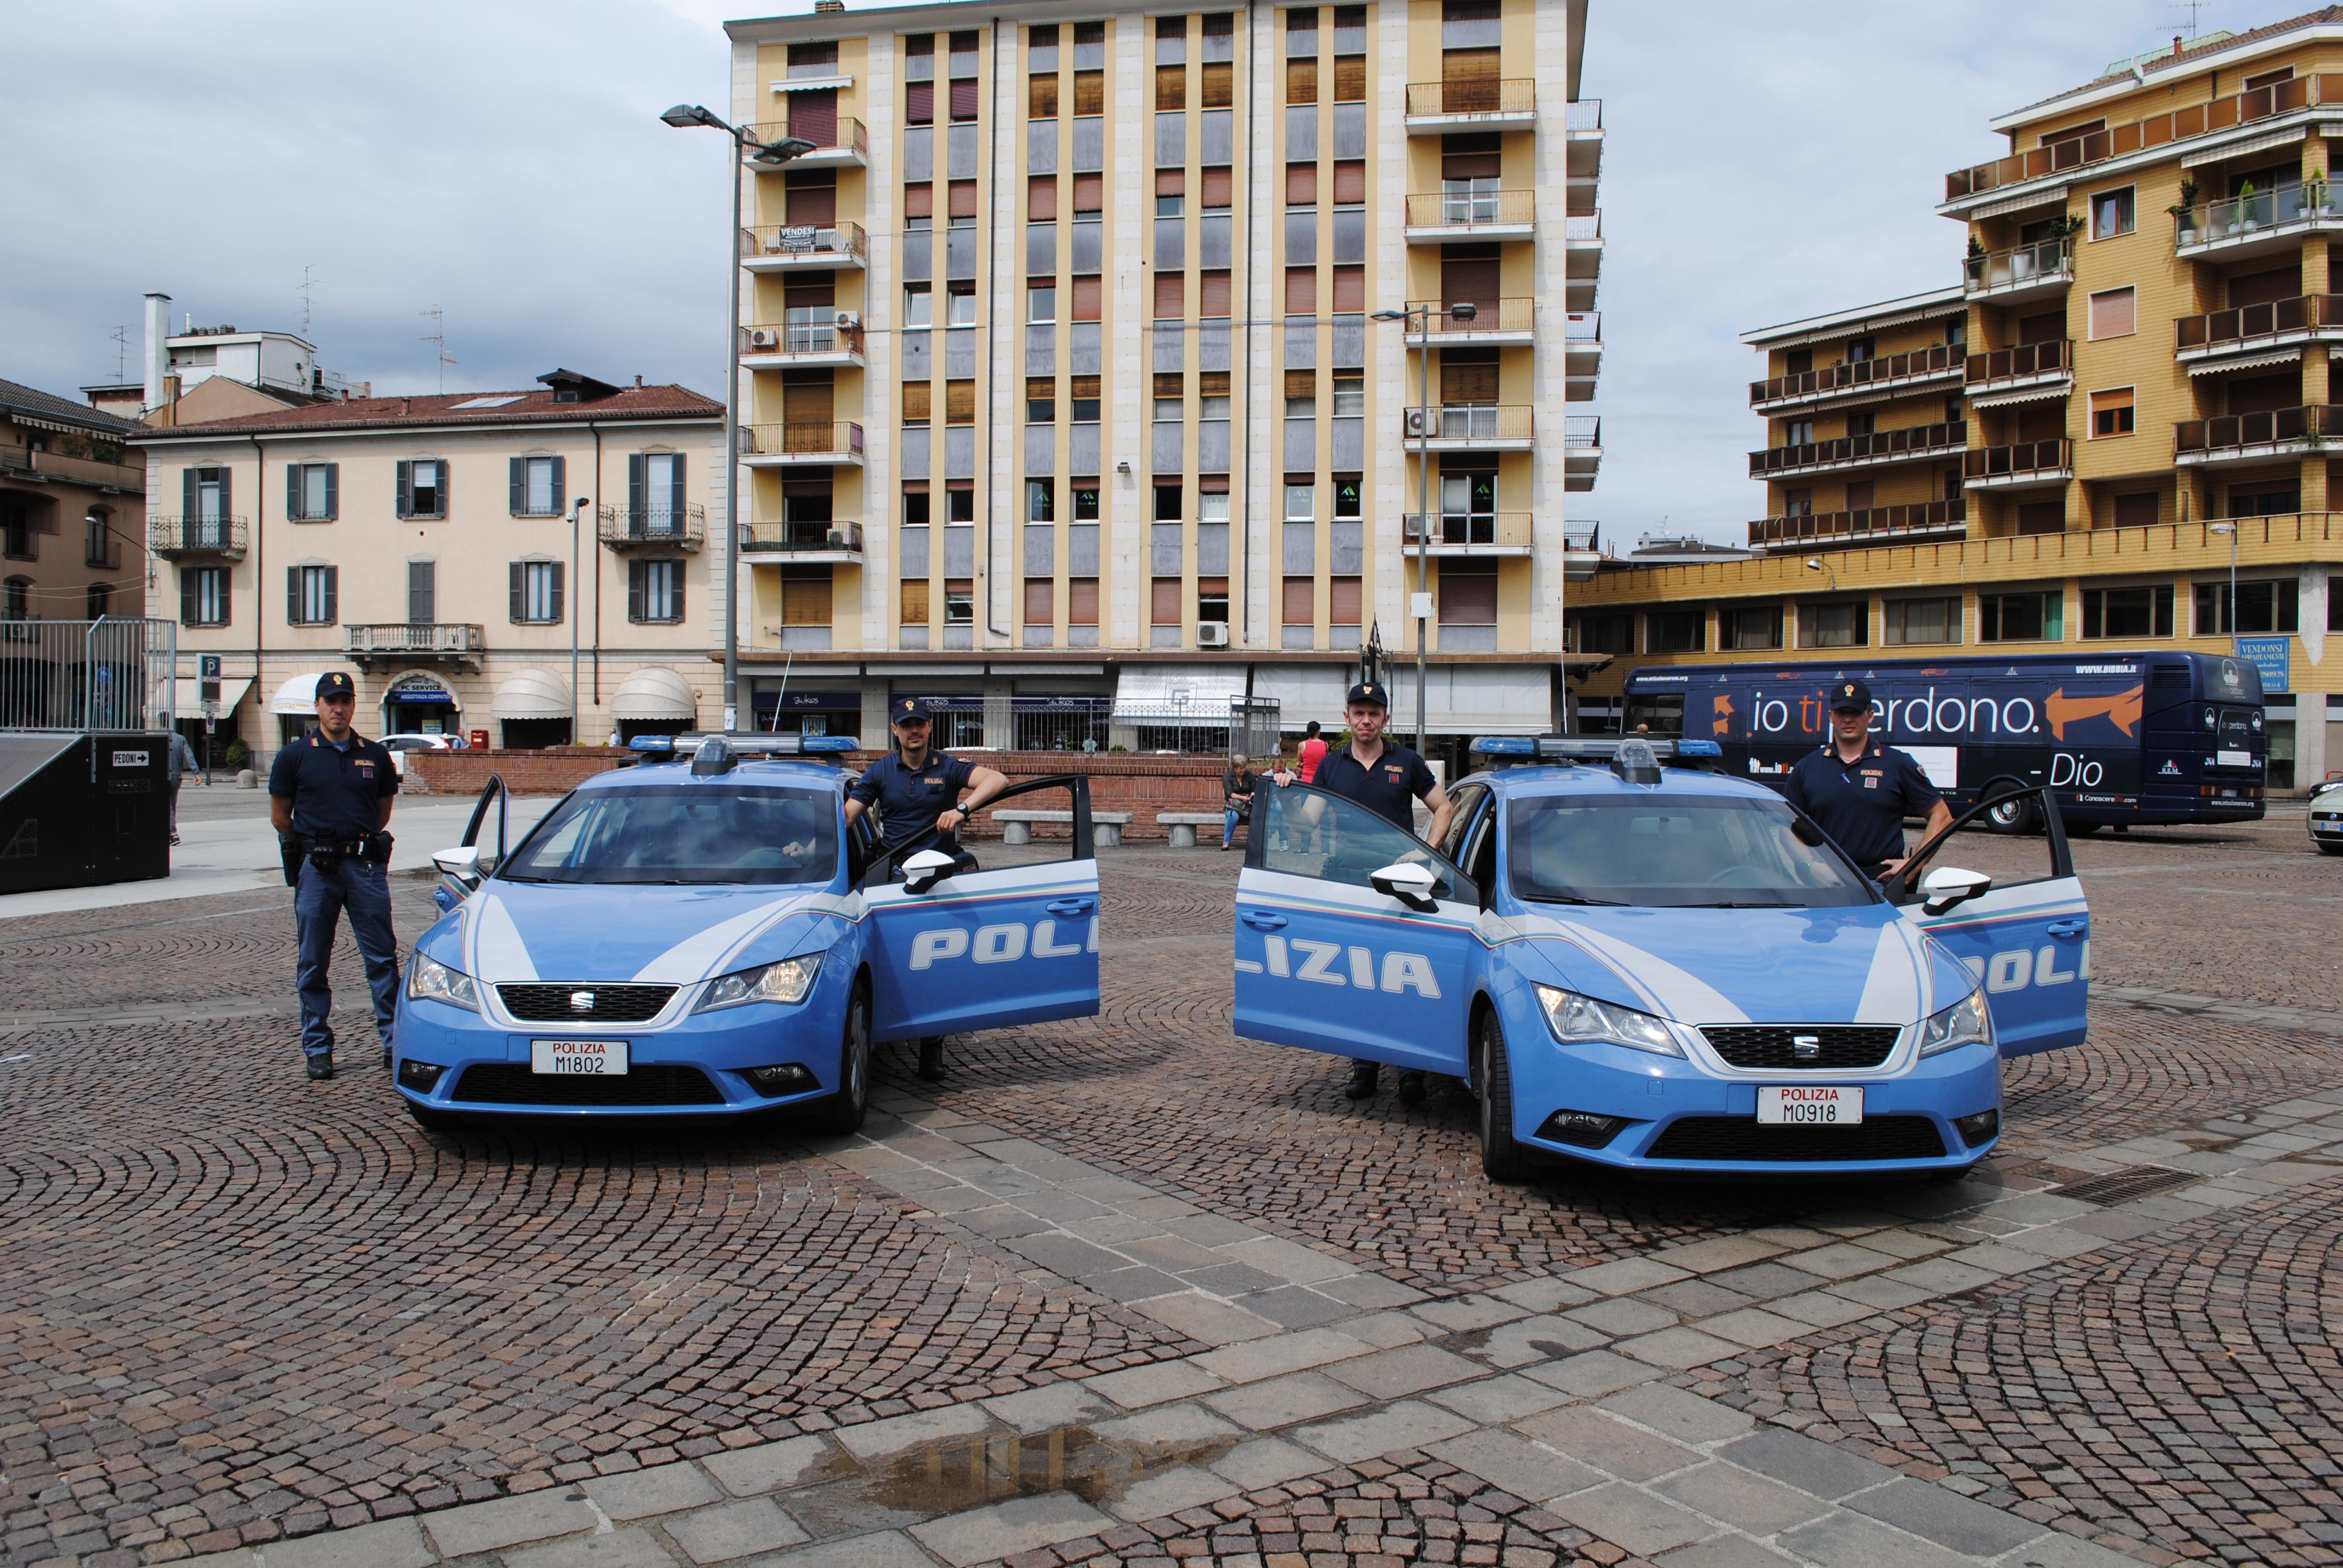 questura di varese permesso di soggiorno - 28 images - polizia di ...